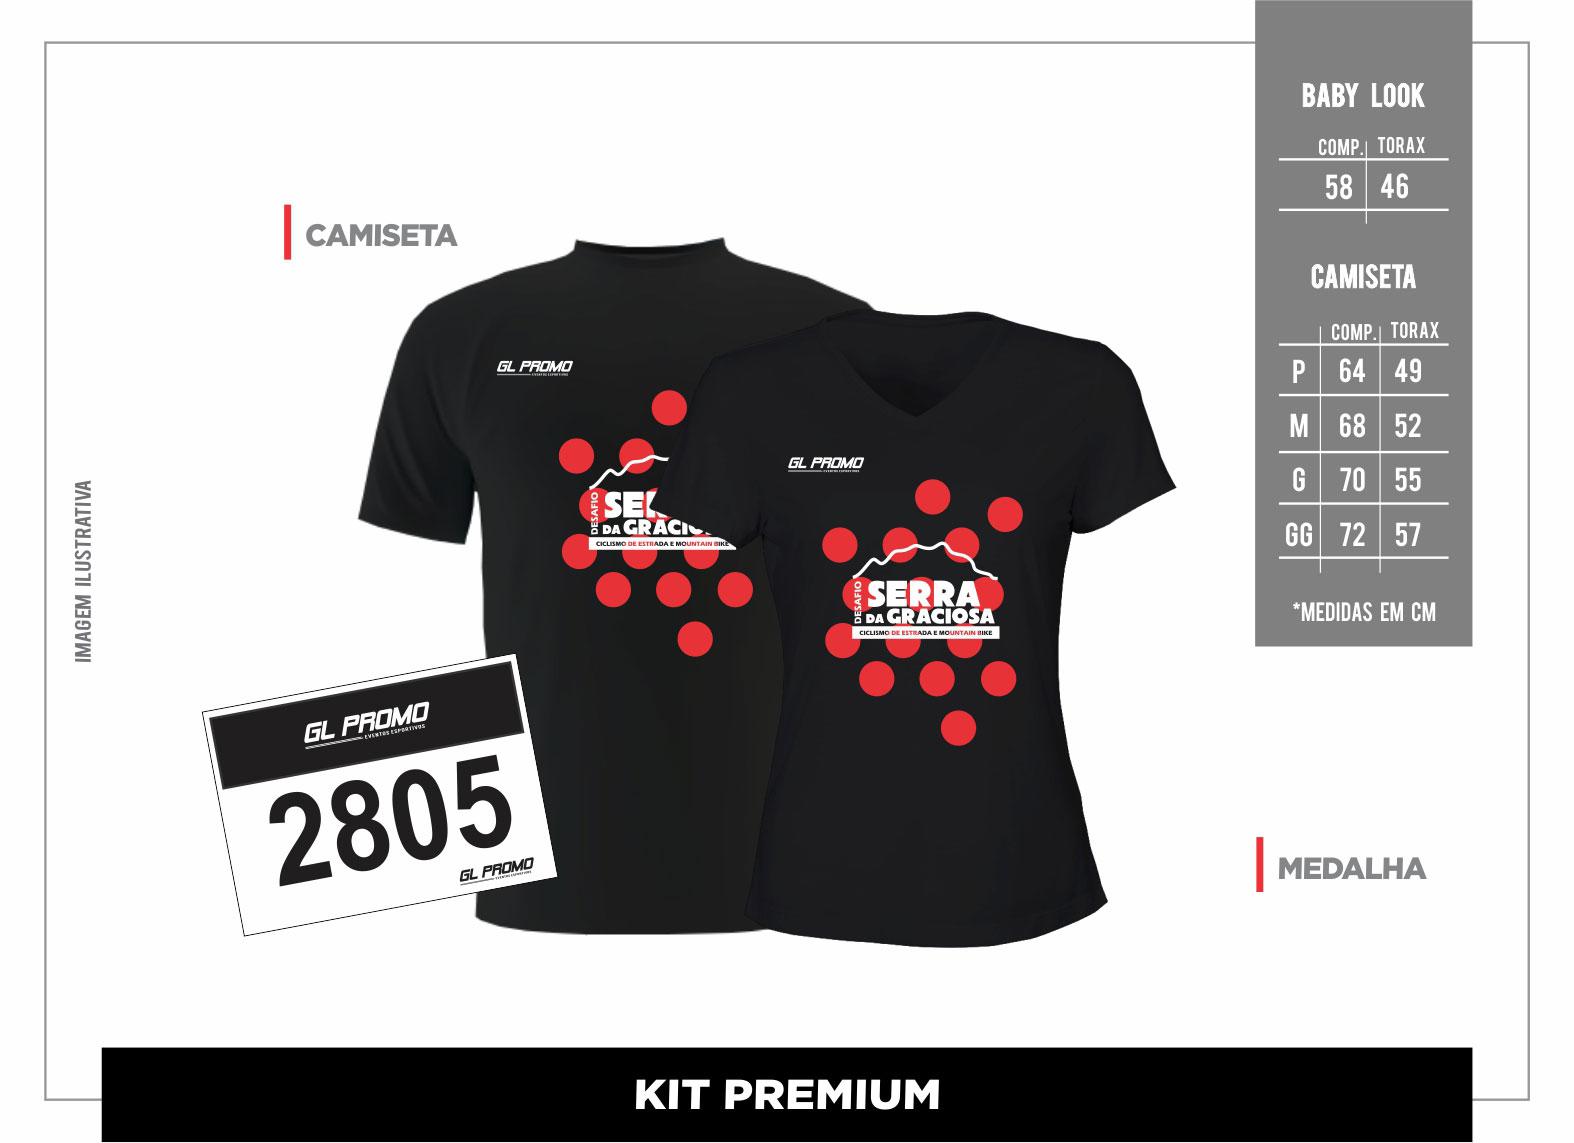 Kits 5º Desafio Serra da Graciosa de Ciclismo